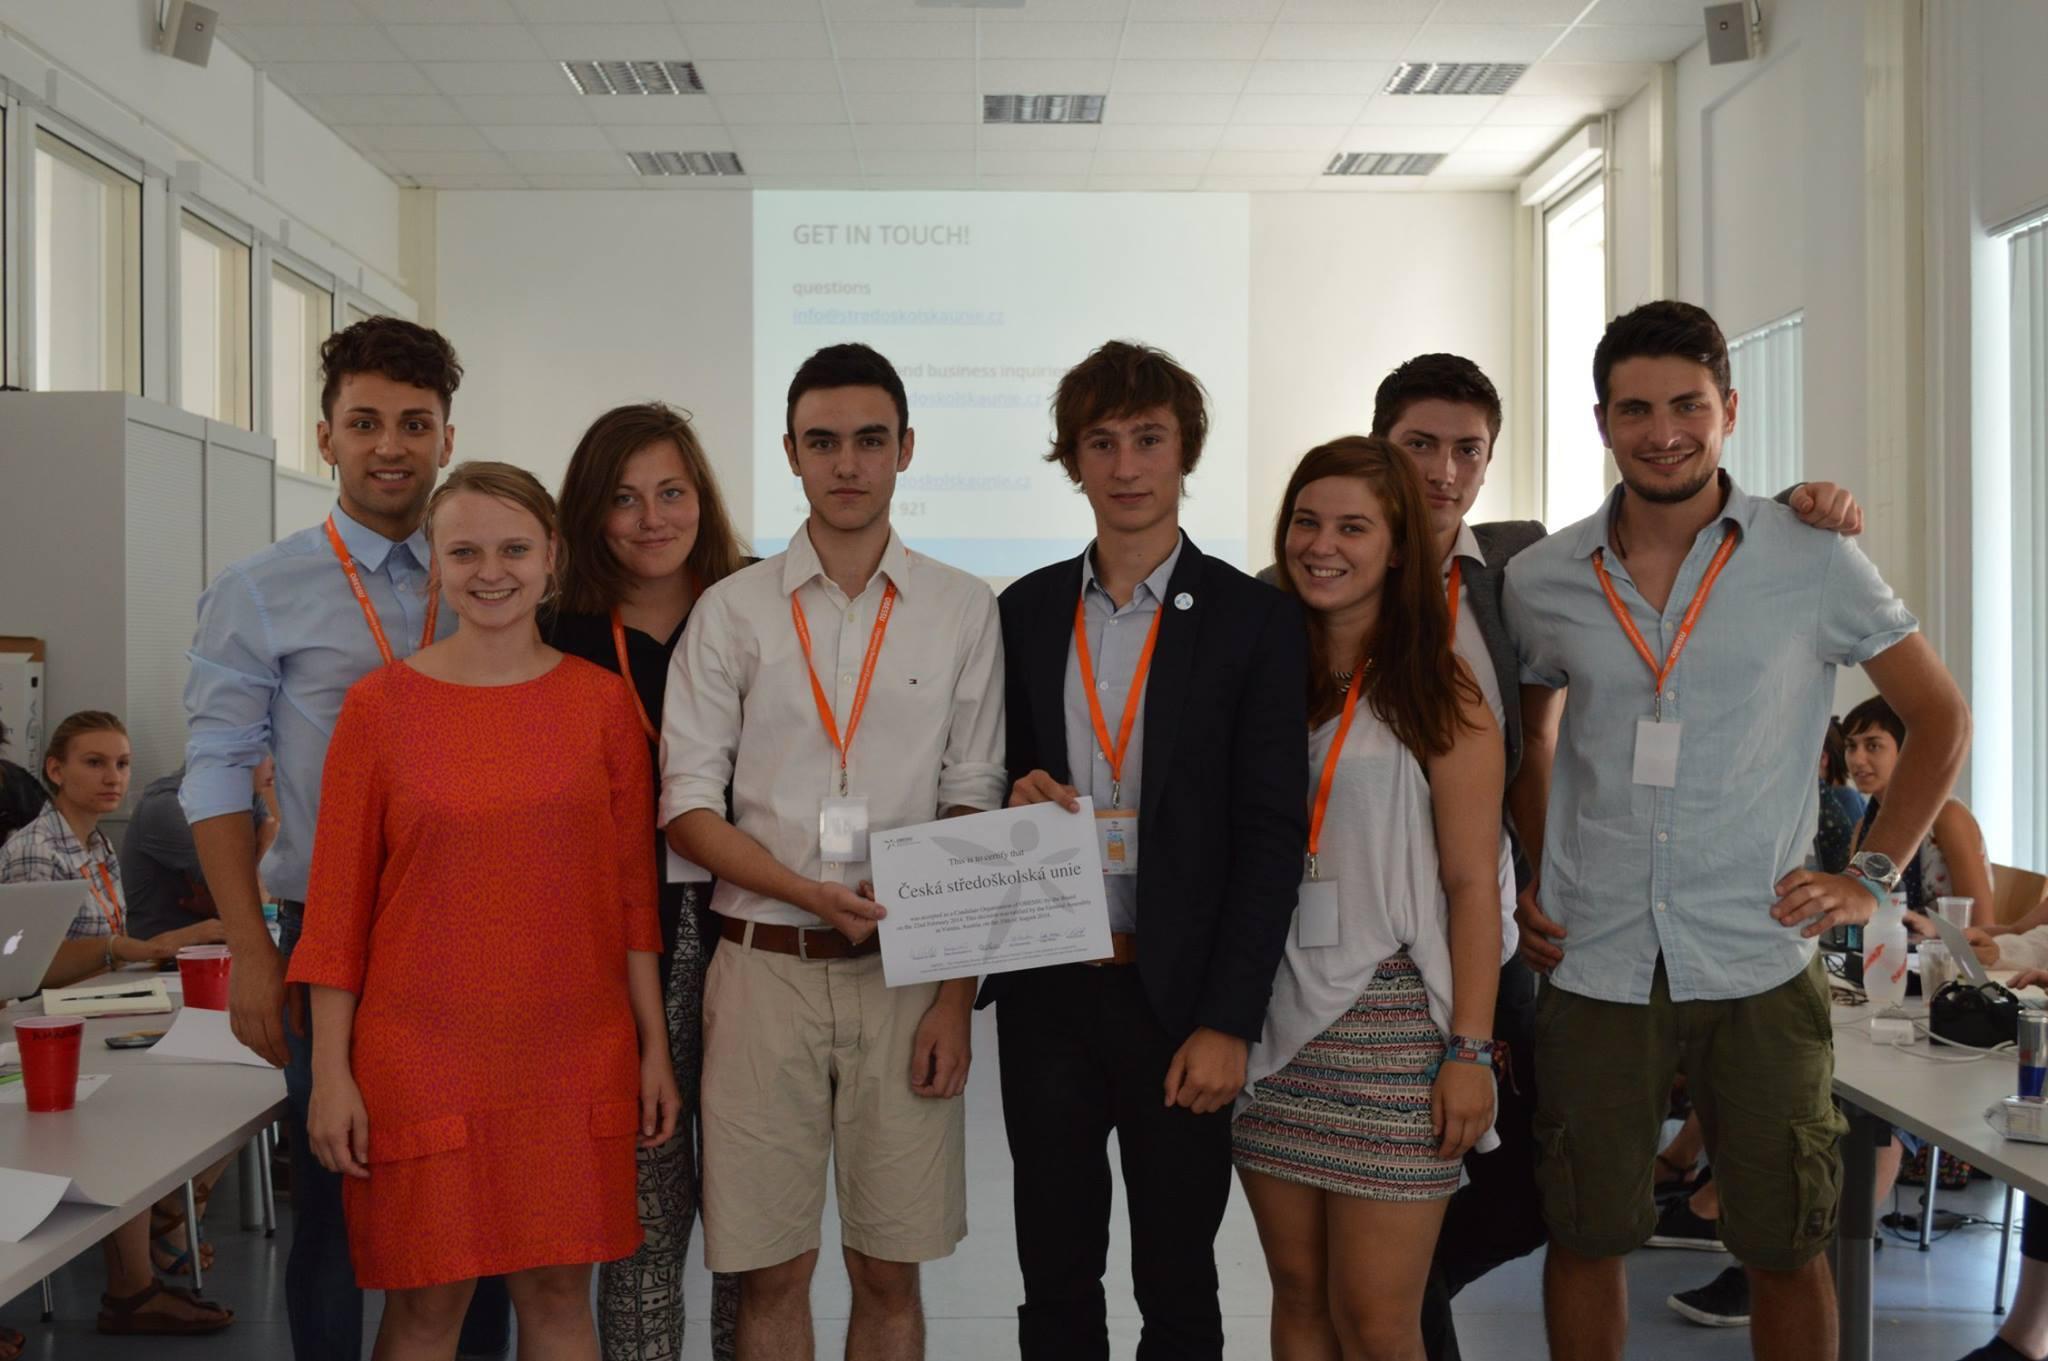 Česká středoškolská unie v roce 2014